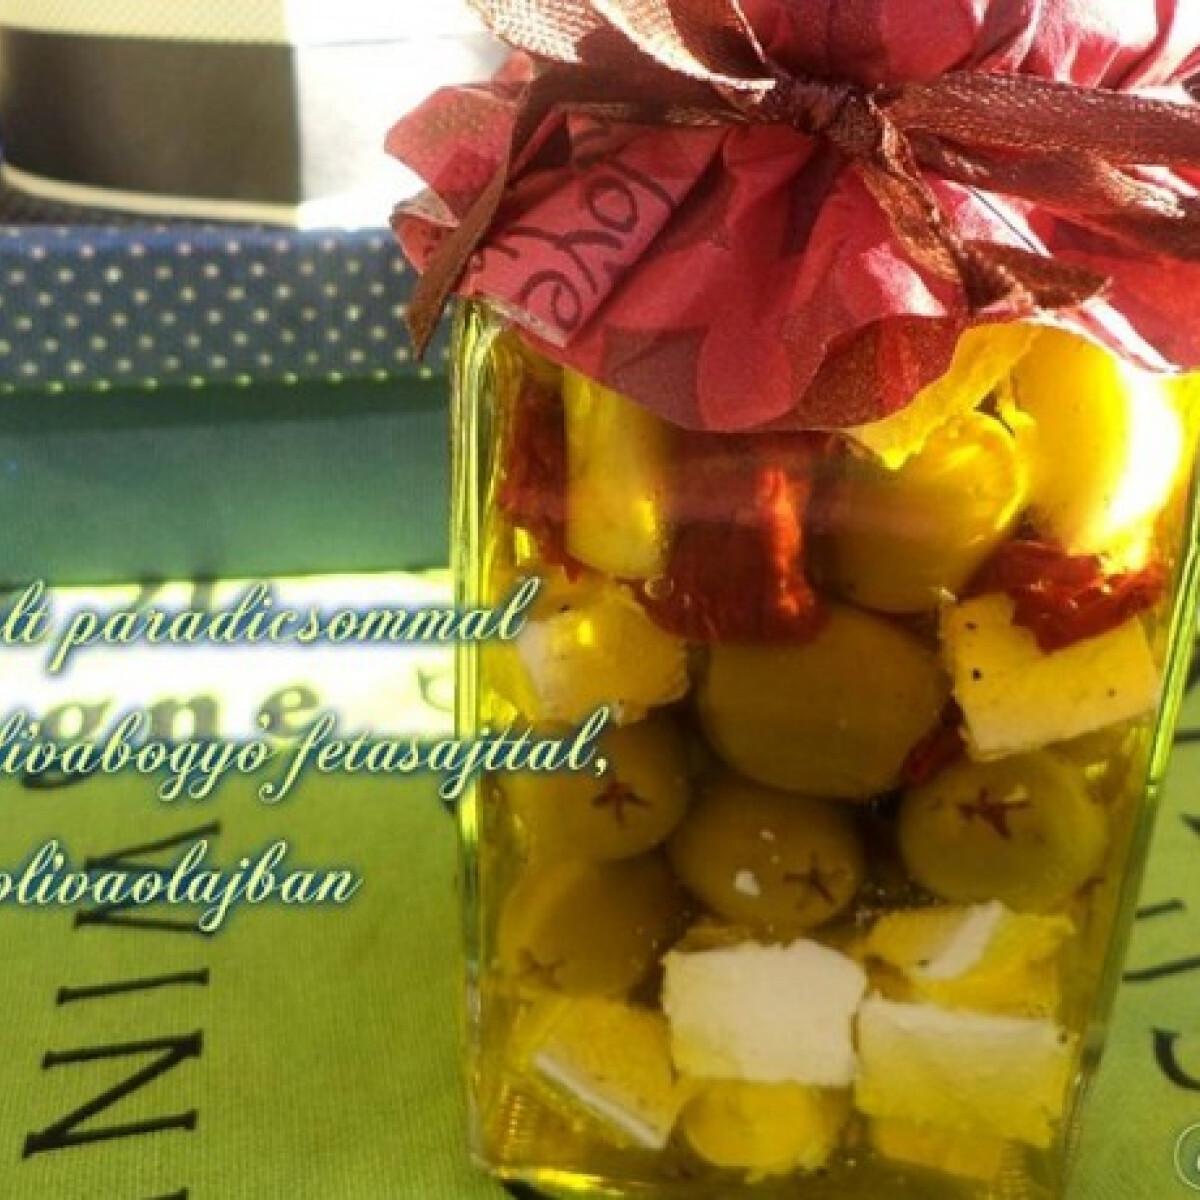 Ezen a képen: Aszalt paradicsommal töltött olívabogyó feta sajttal